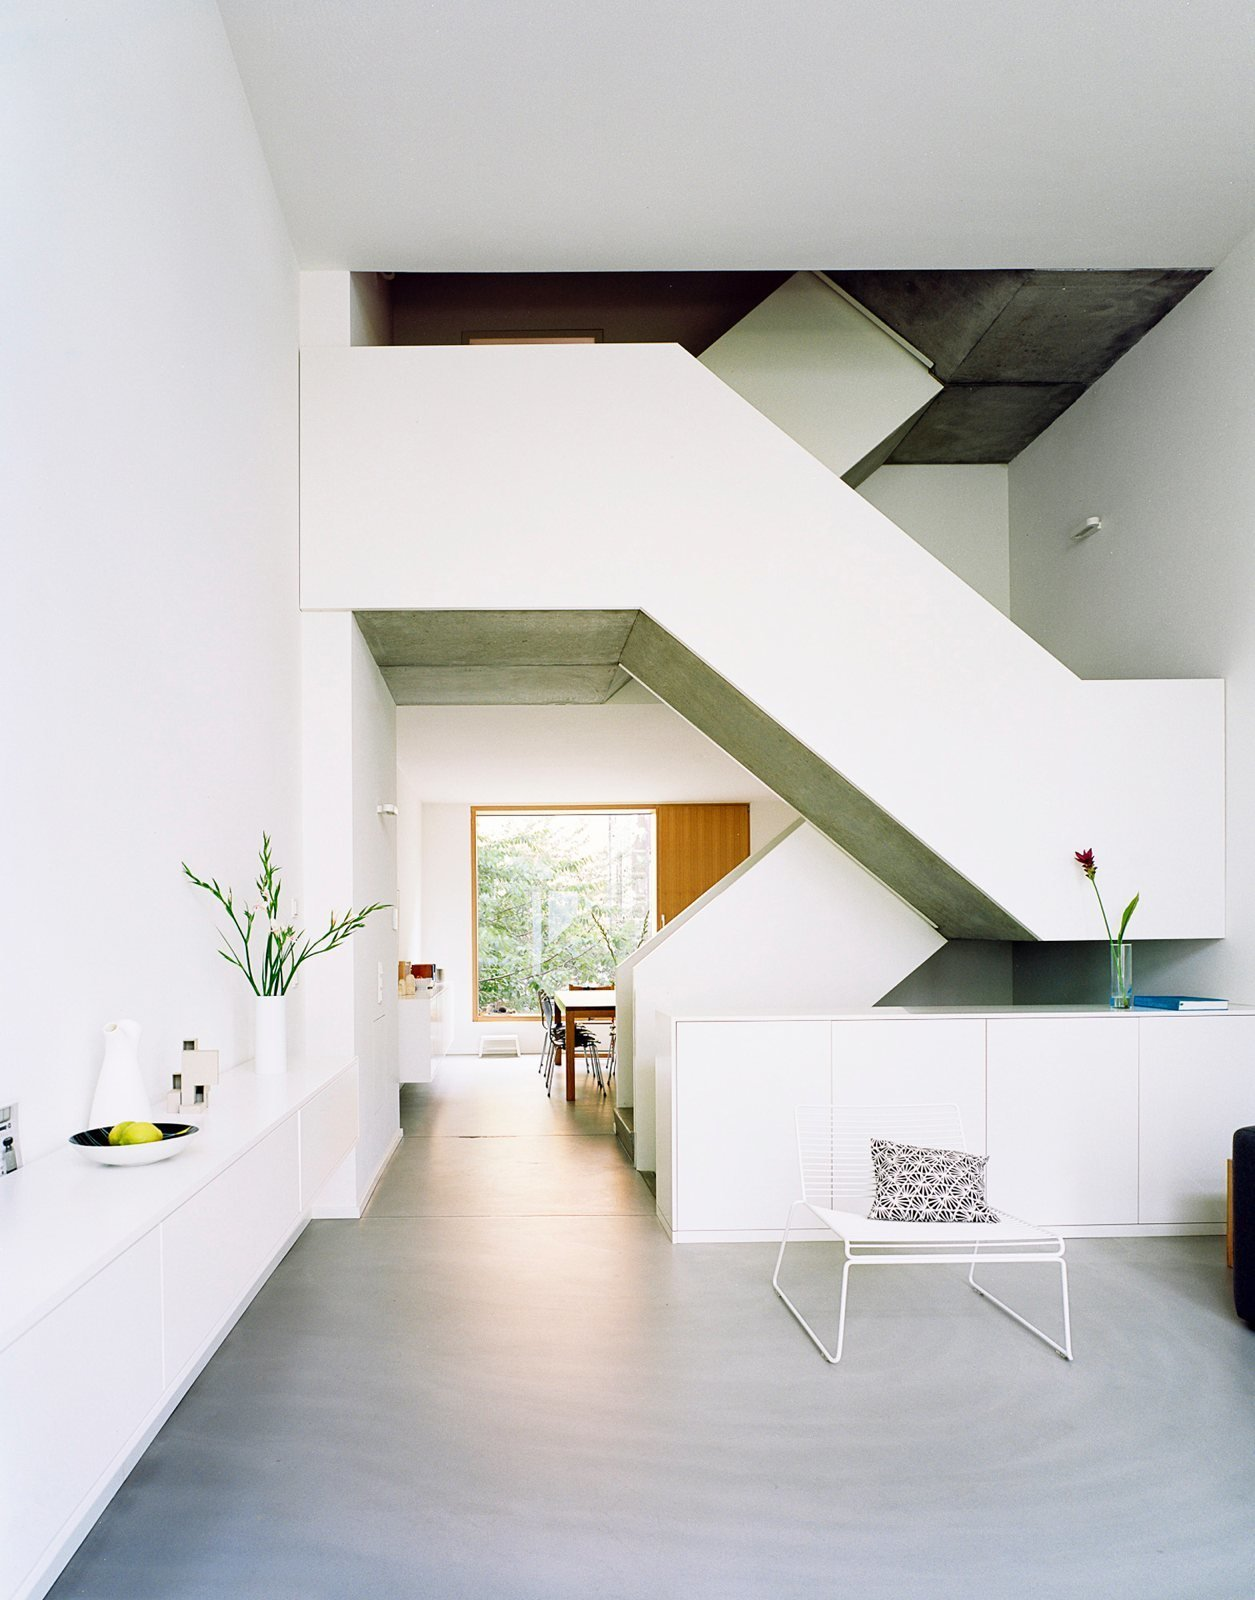 Maisonette staircase. ze05 by Zanderroth Architekten. © Simon Menges.  upinteriors.com/go/sph257  Best Photos from Stairways